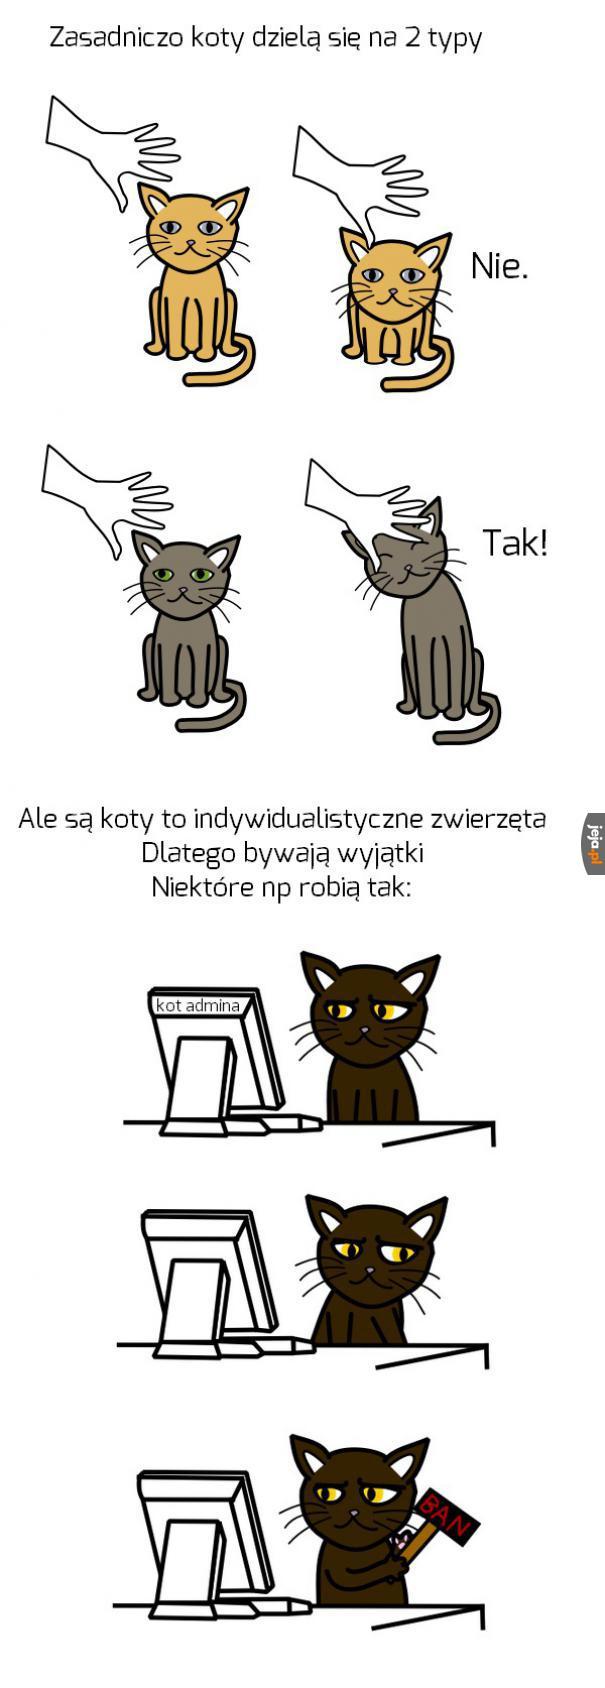 Różne bywają koty